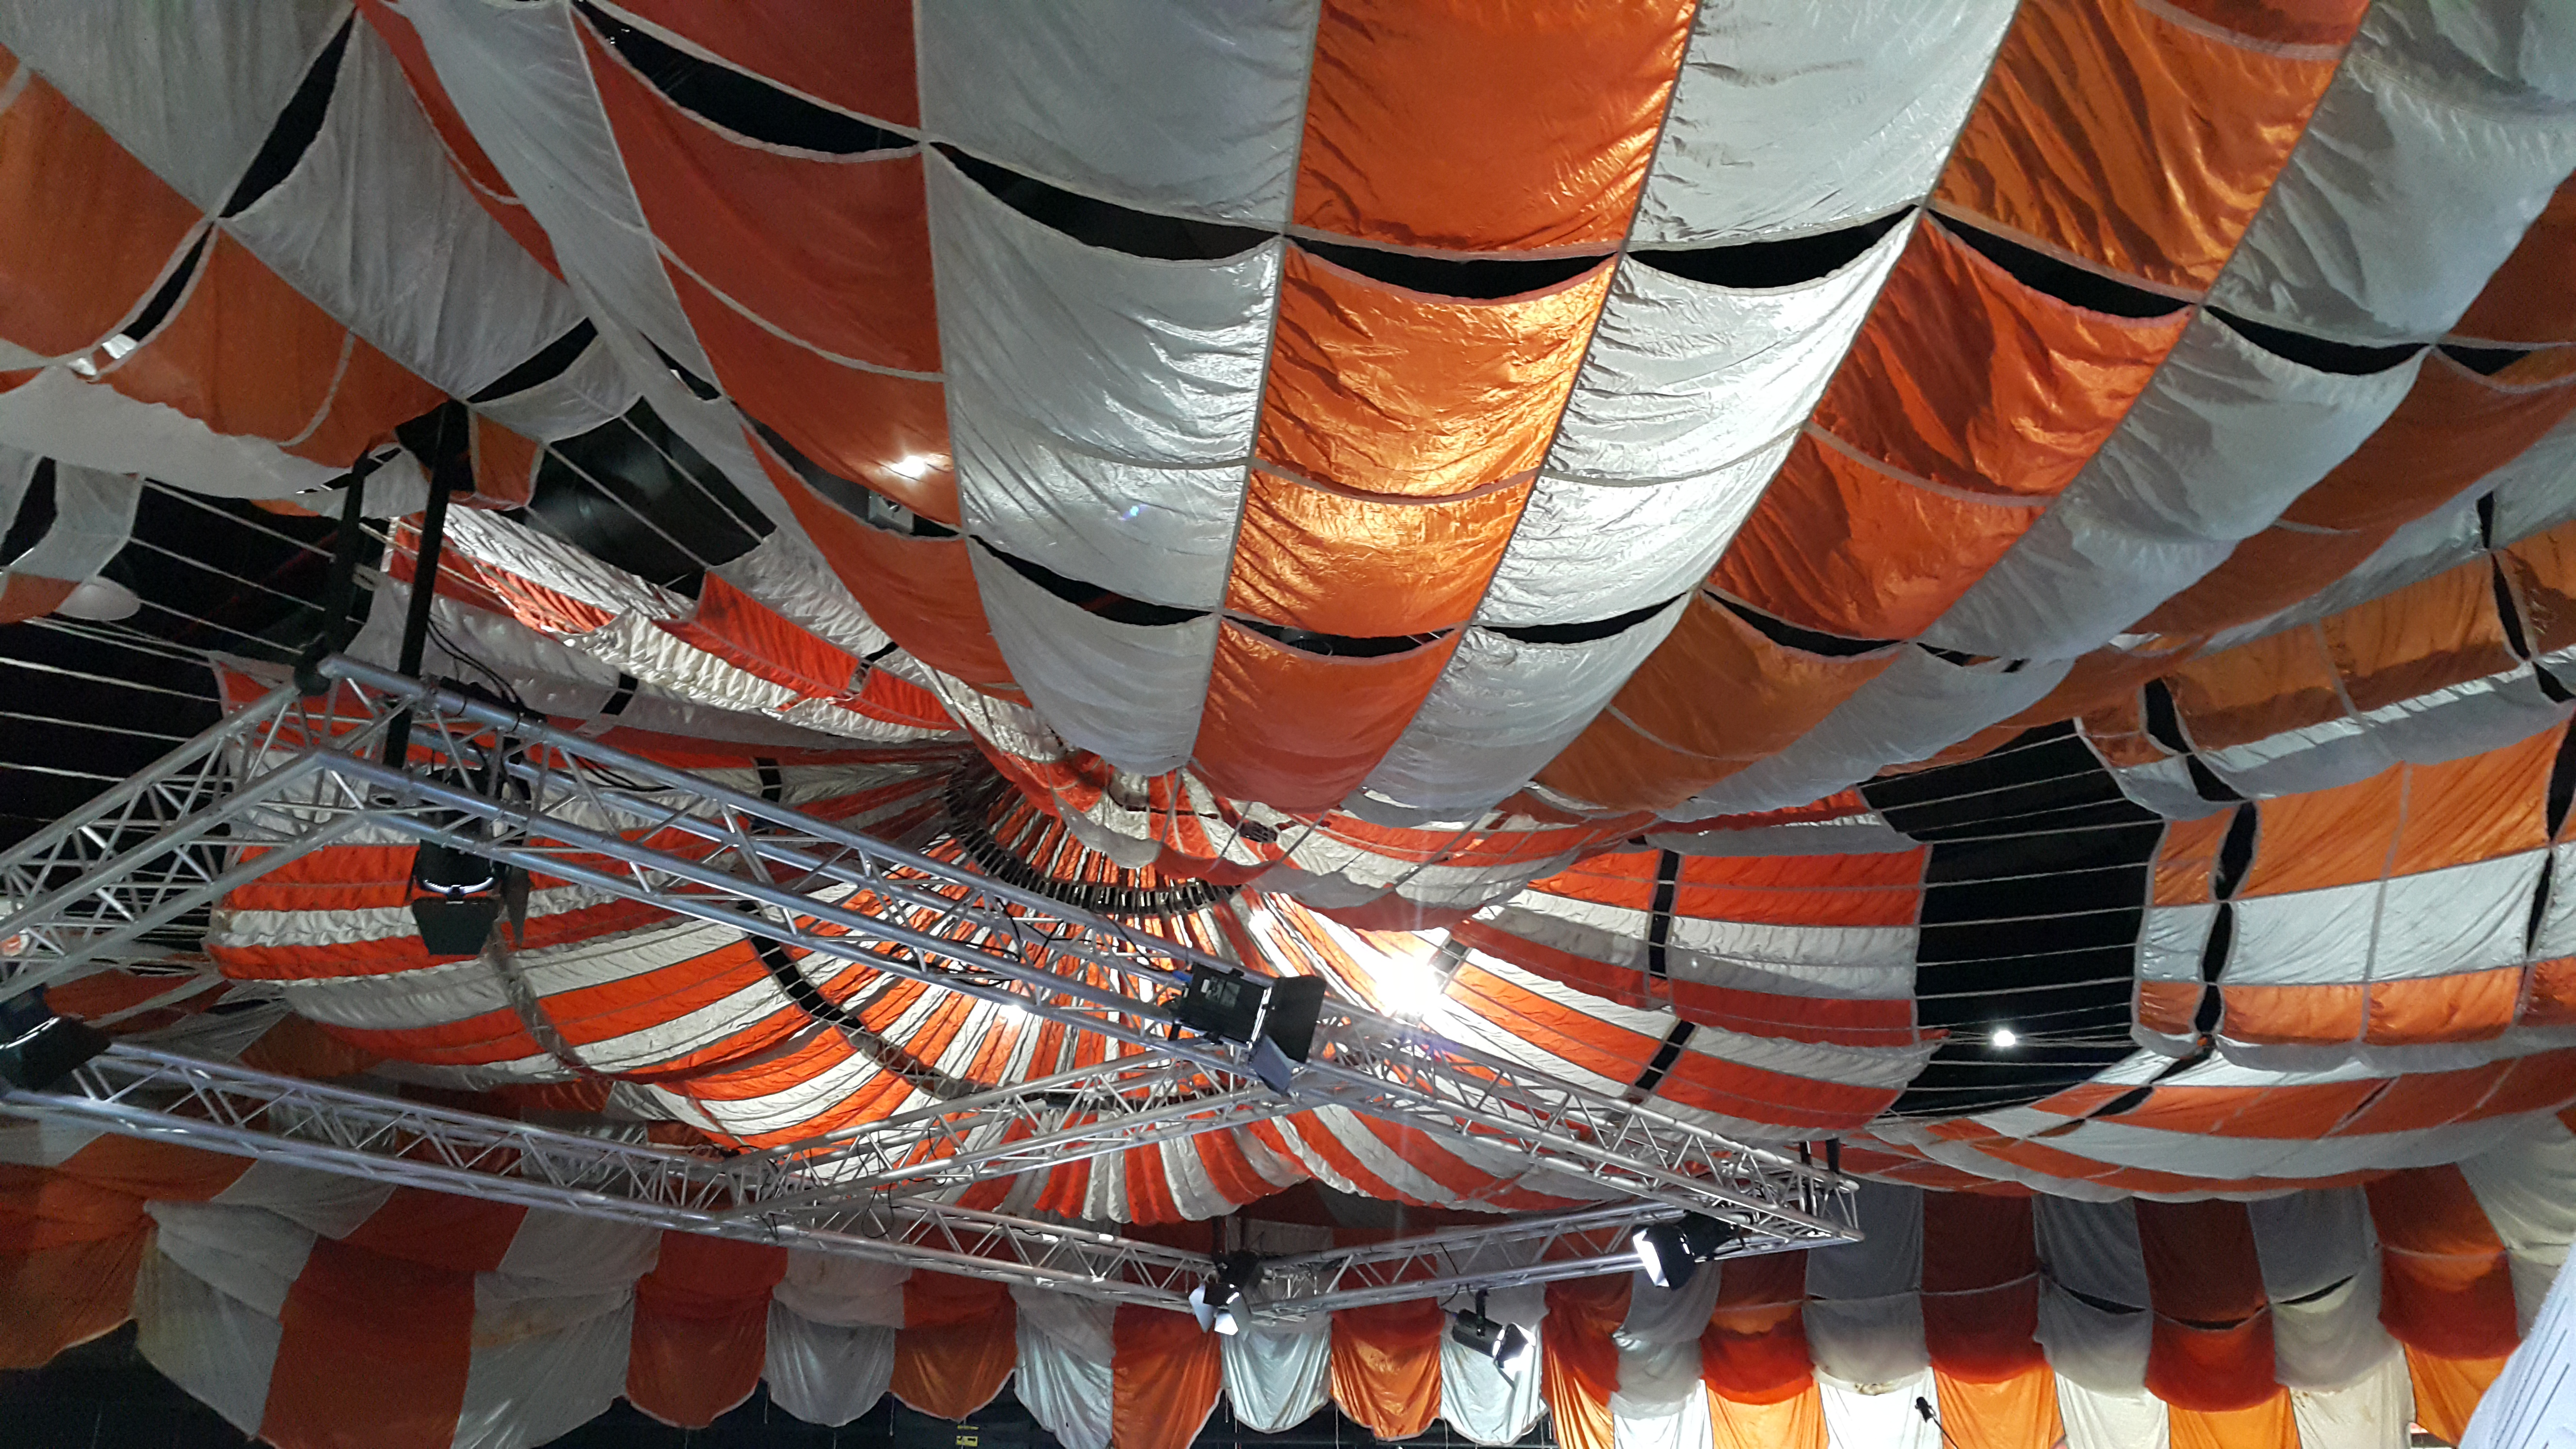 270阿波羅指揮艙降落傘一